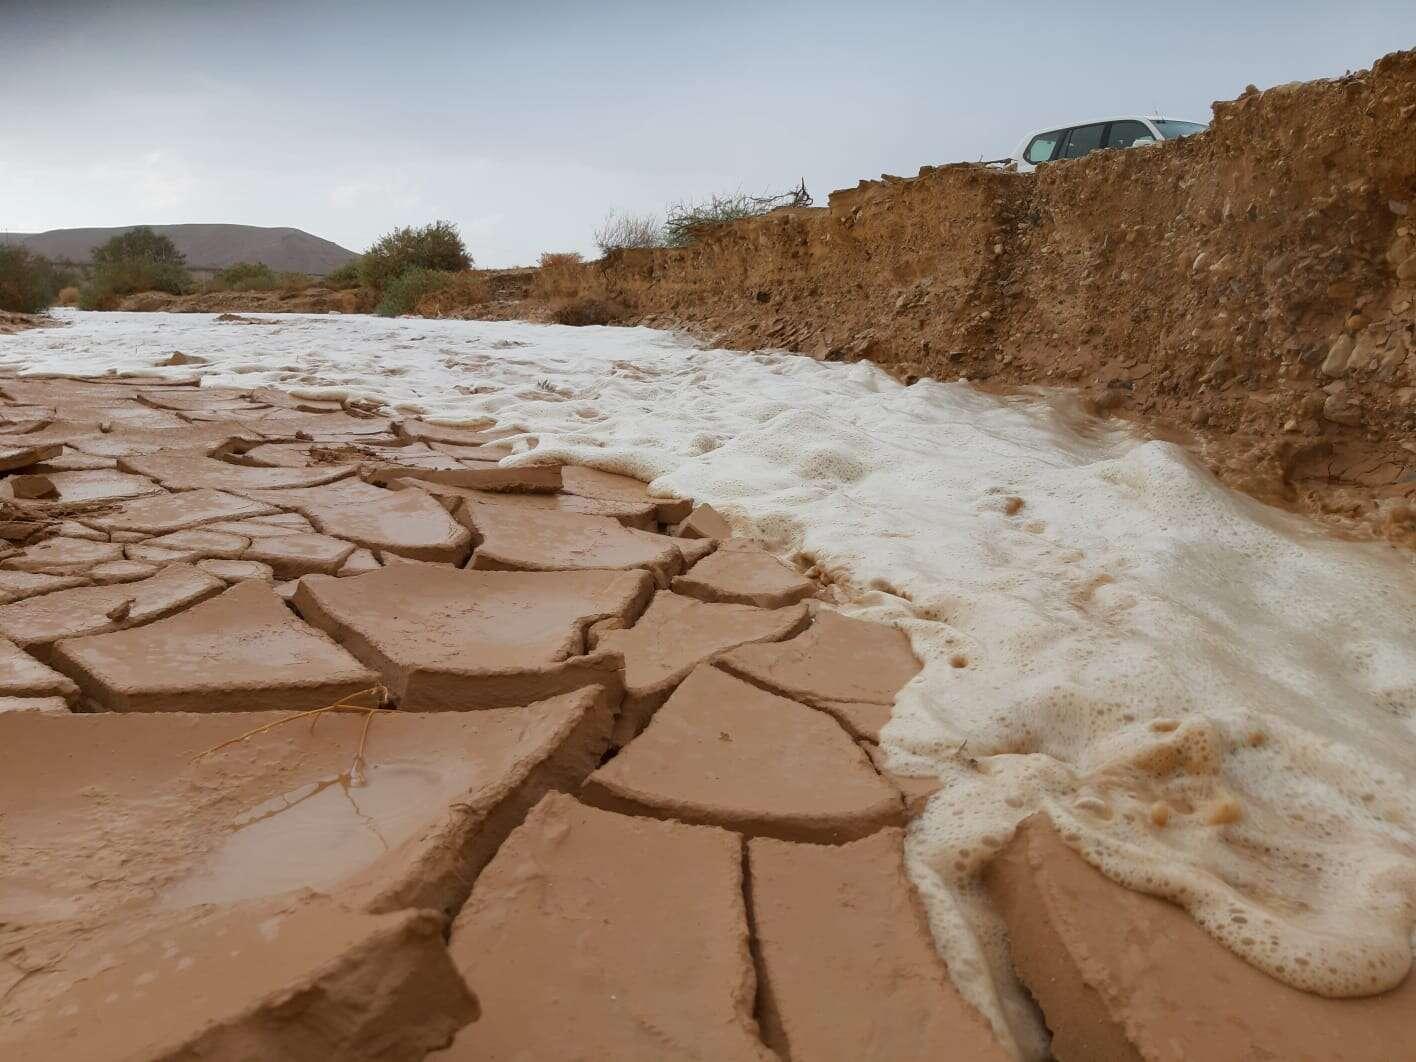 מטיילים פונו מנחלים באזור הערבה